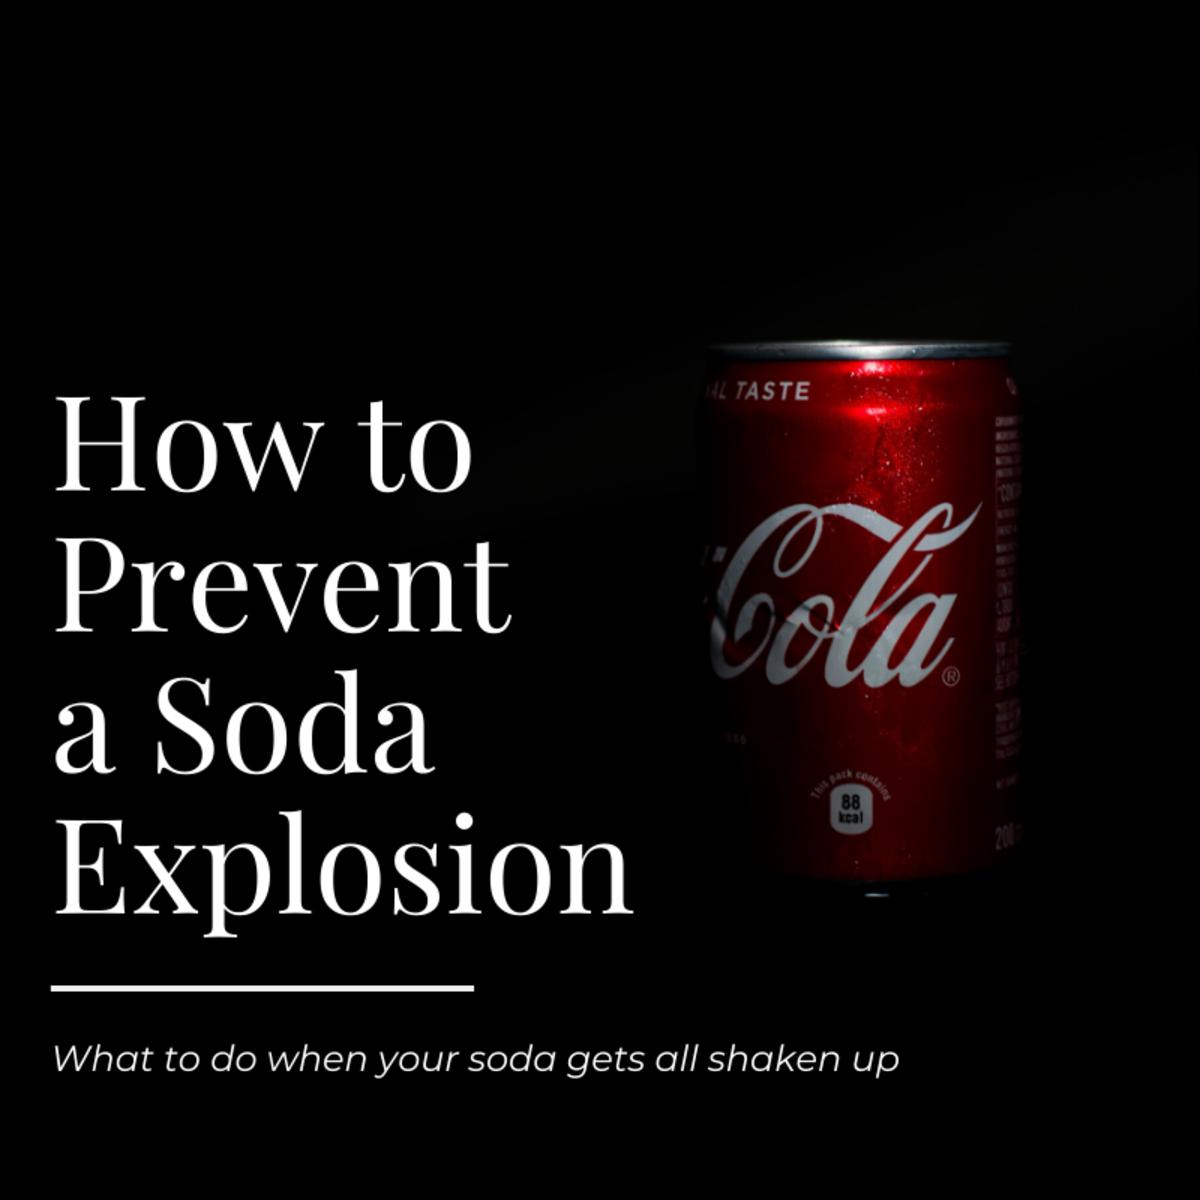 Help! My Bottle of Soda's All Shaken Up: Preventing Coke Explosions